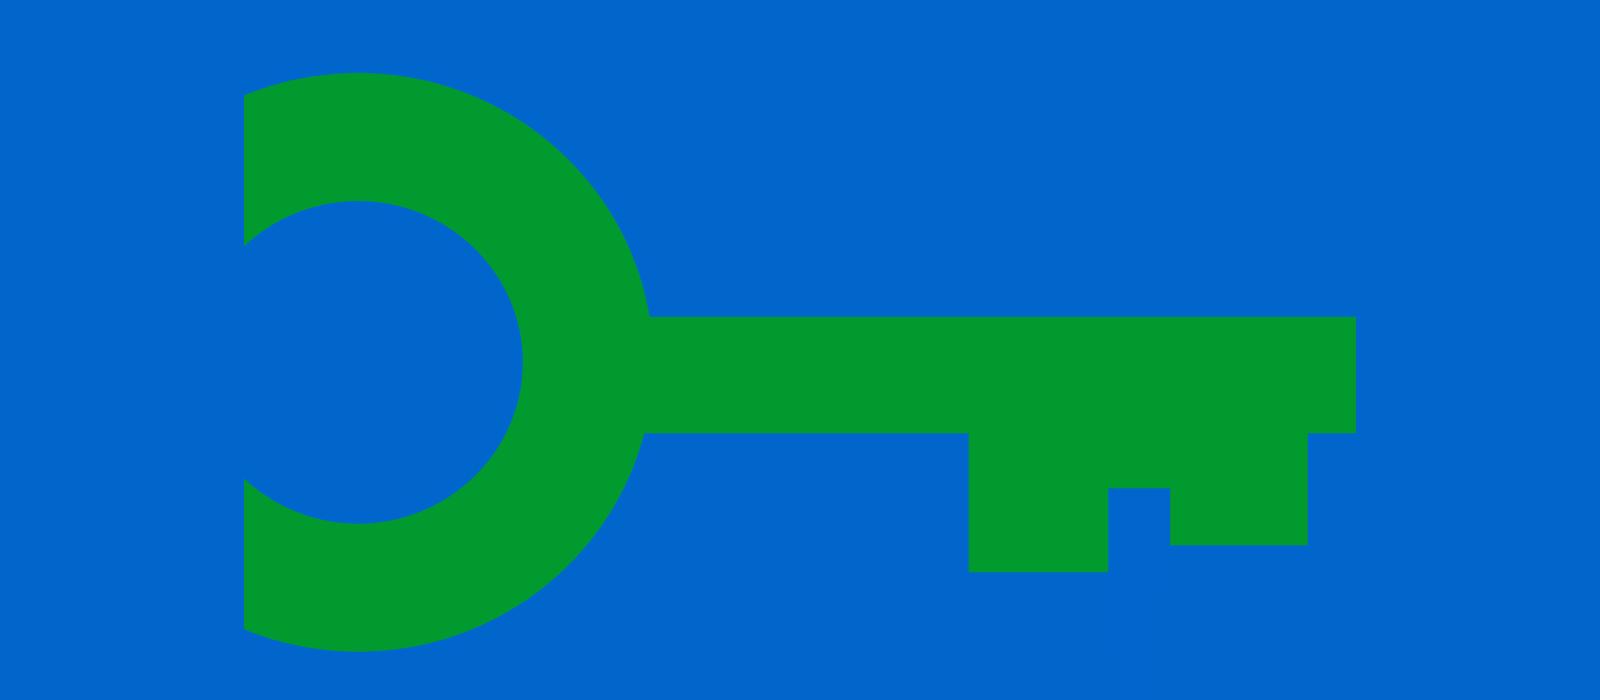 Het Green Key keurmerk: Alles wat je moet weten! – 2021 editie